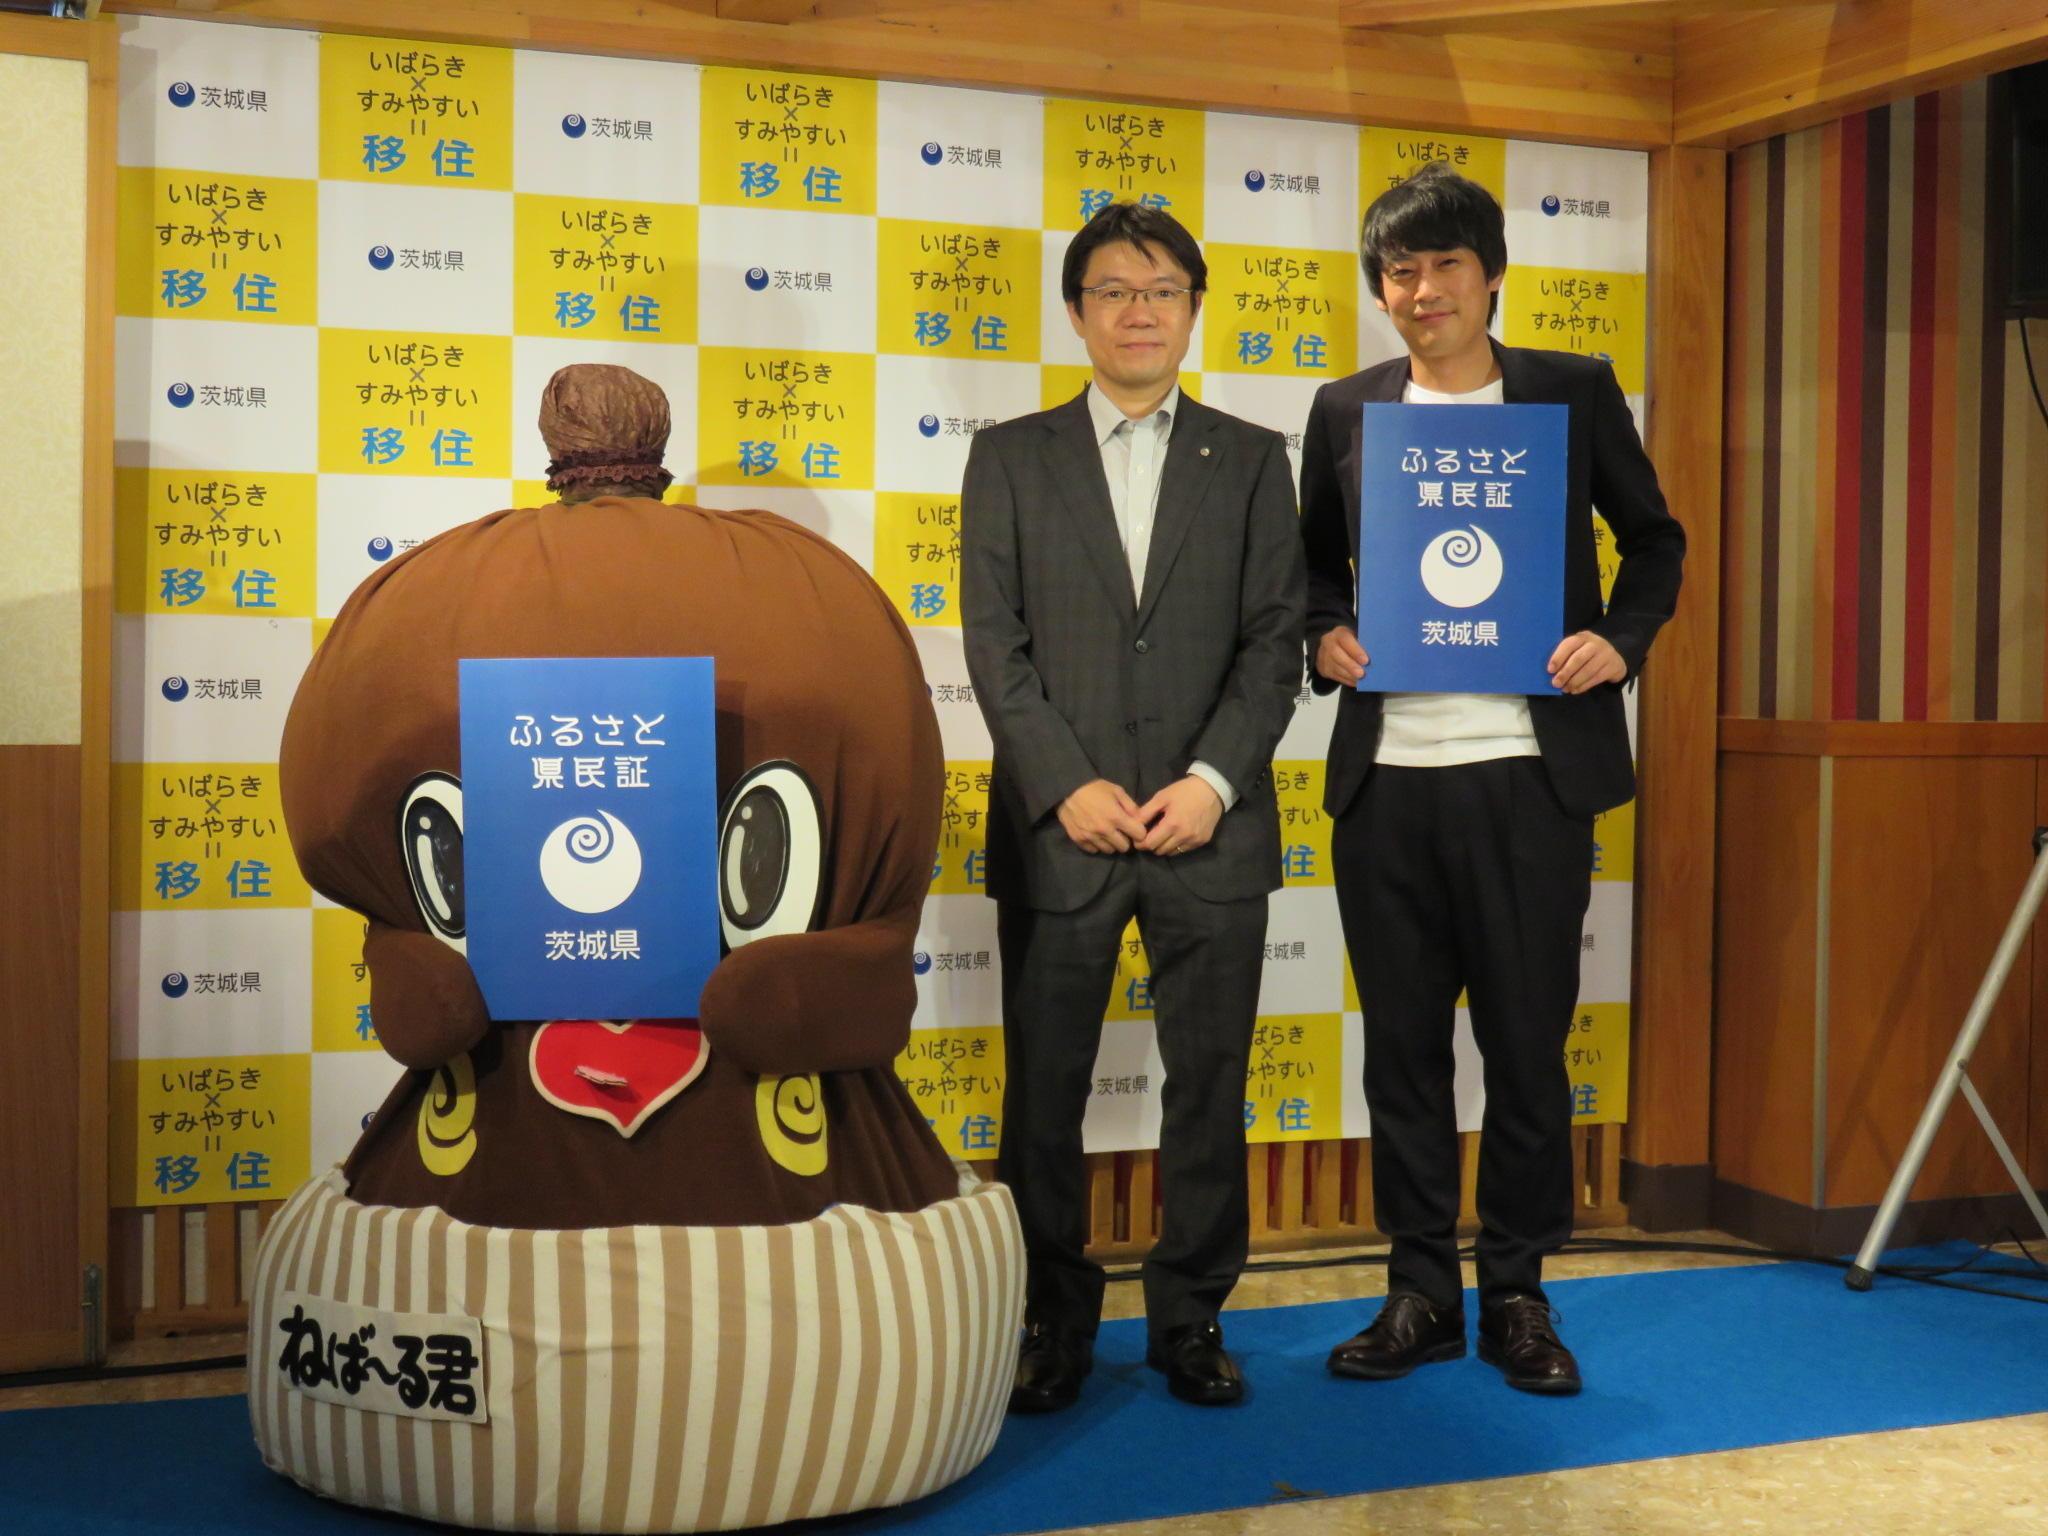 http://news.yoshimoto.co.jp/20160630165637-f2acf9c3a843da5e47333a280f509392f154d0b5.jpg